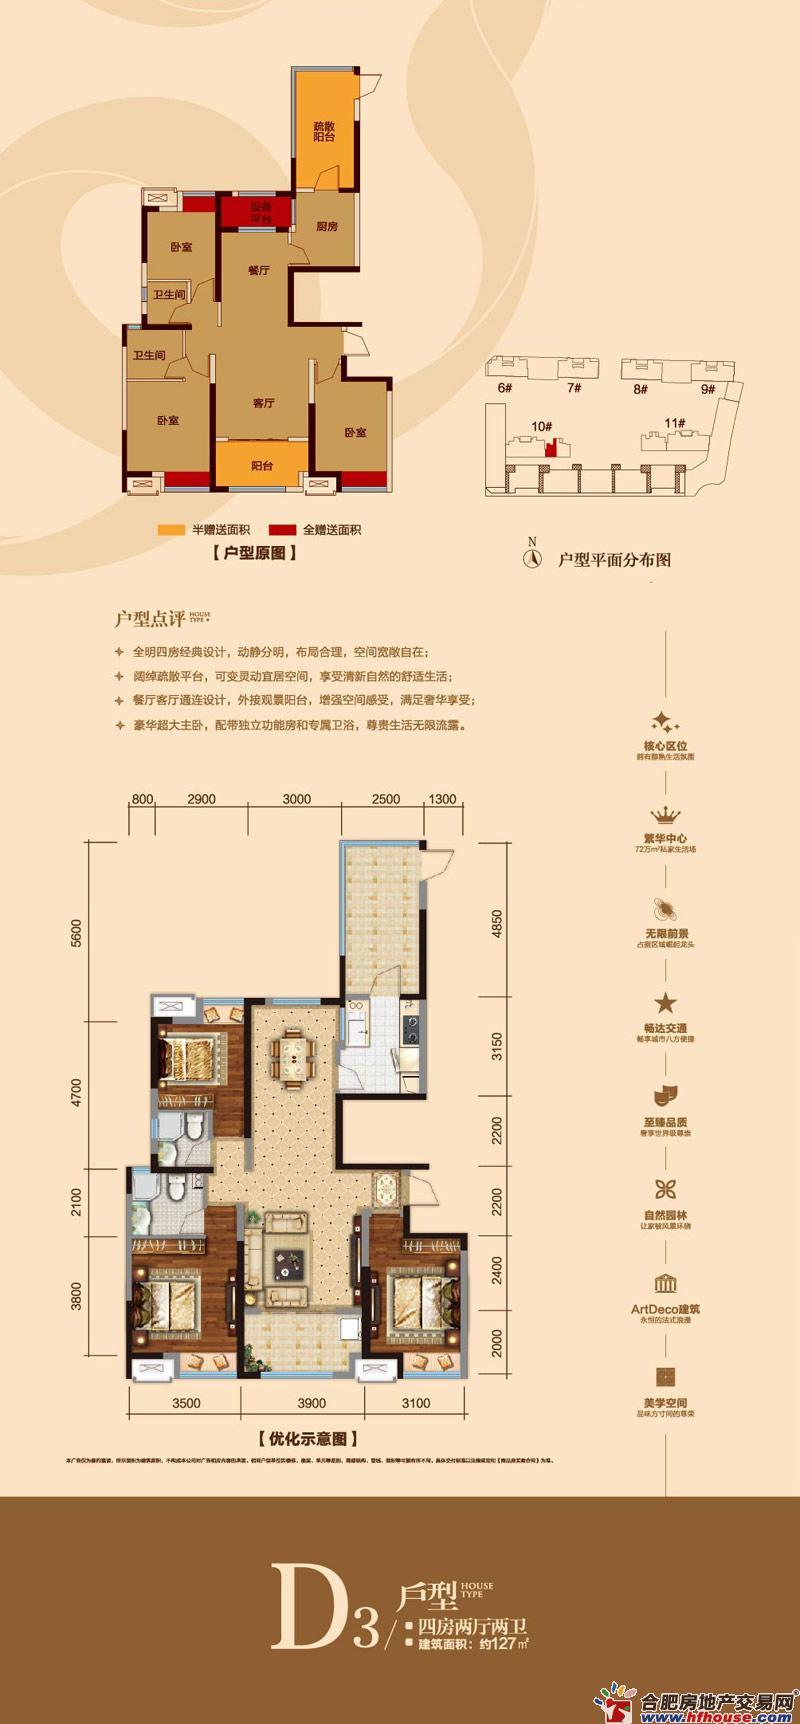 瑶海万达广场_4室2厅2卫厨